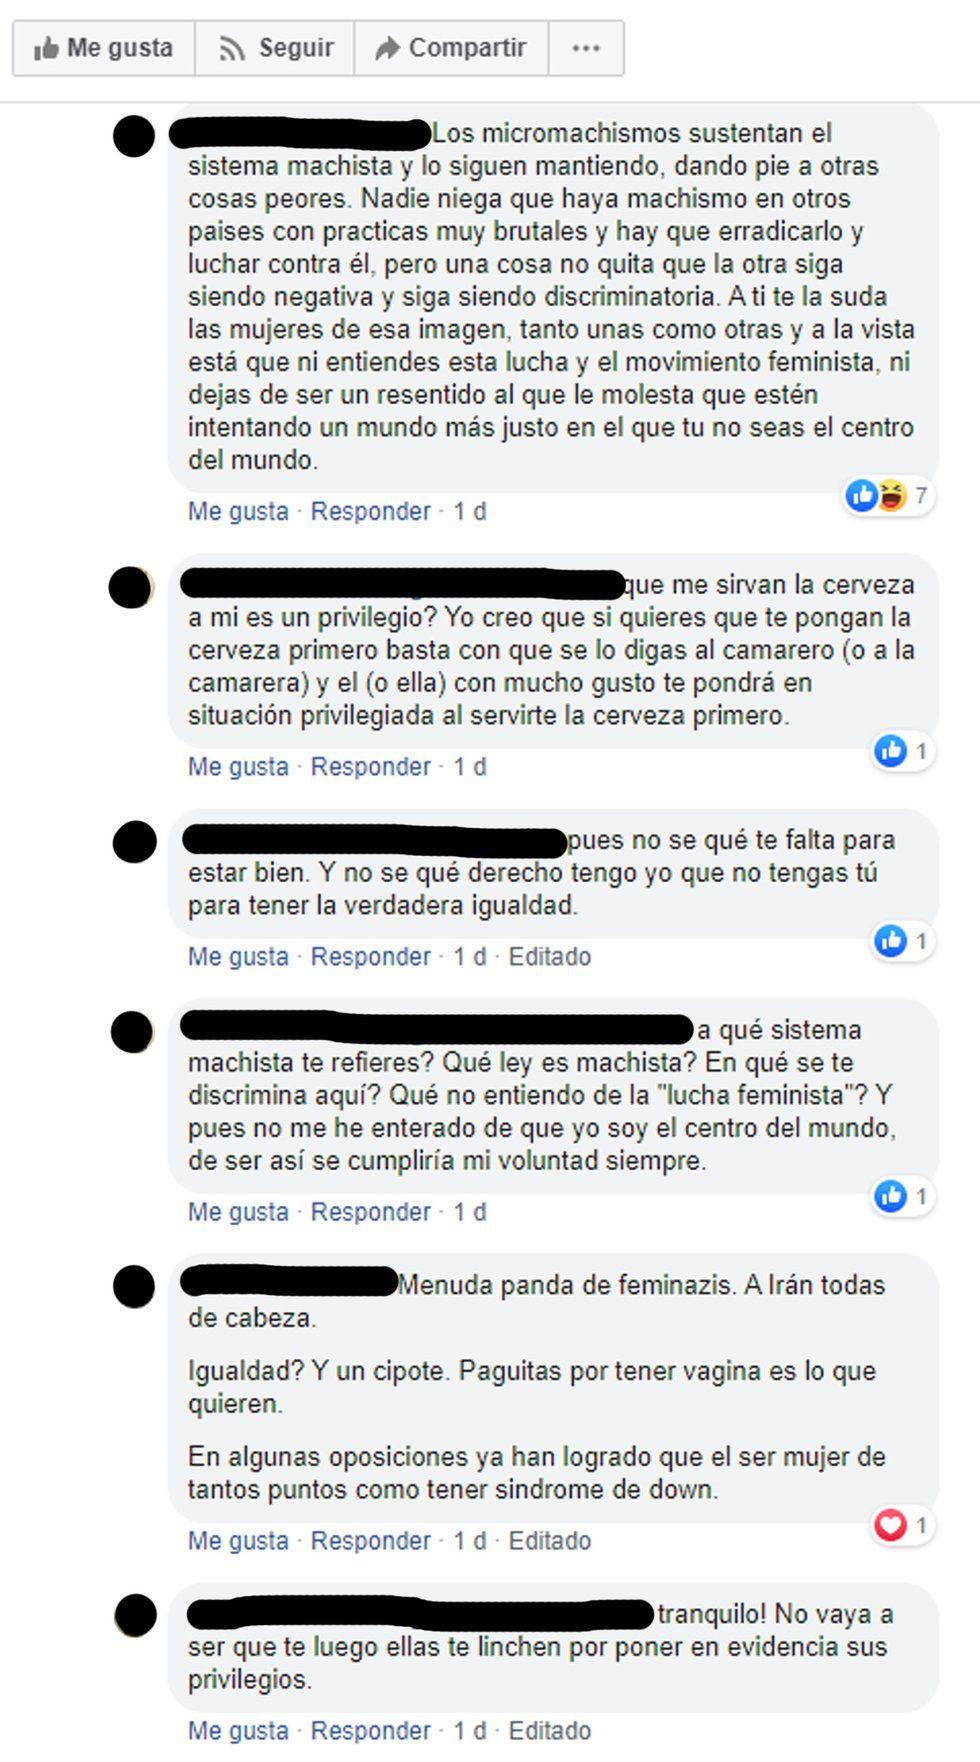 criticas usuarios articulos feministas polemica